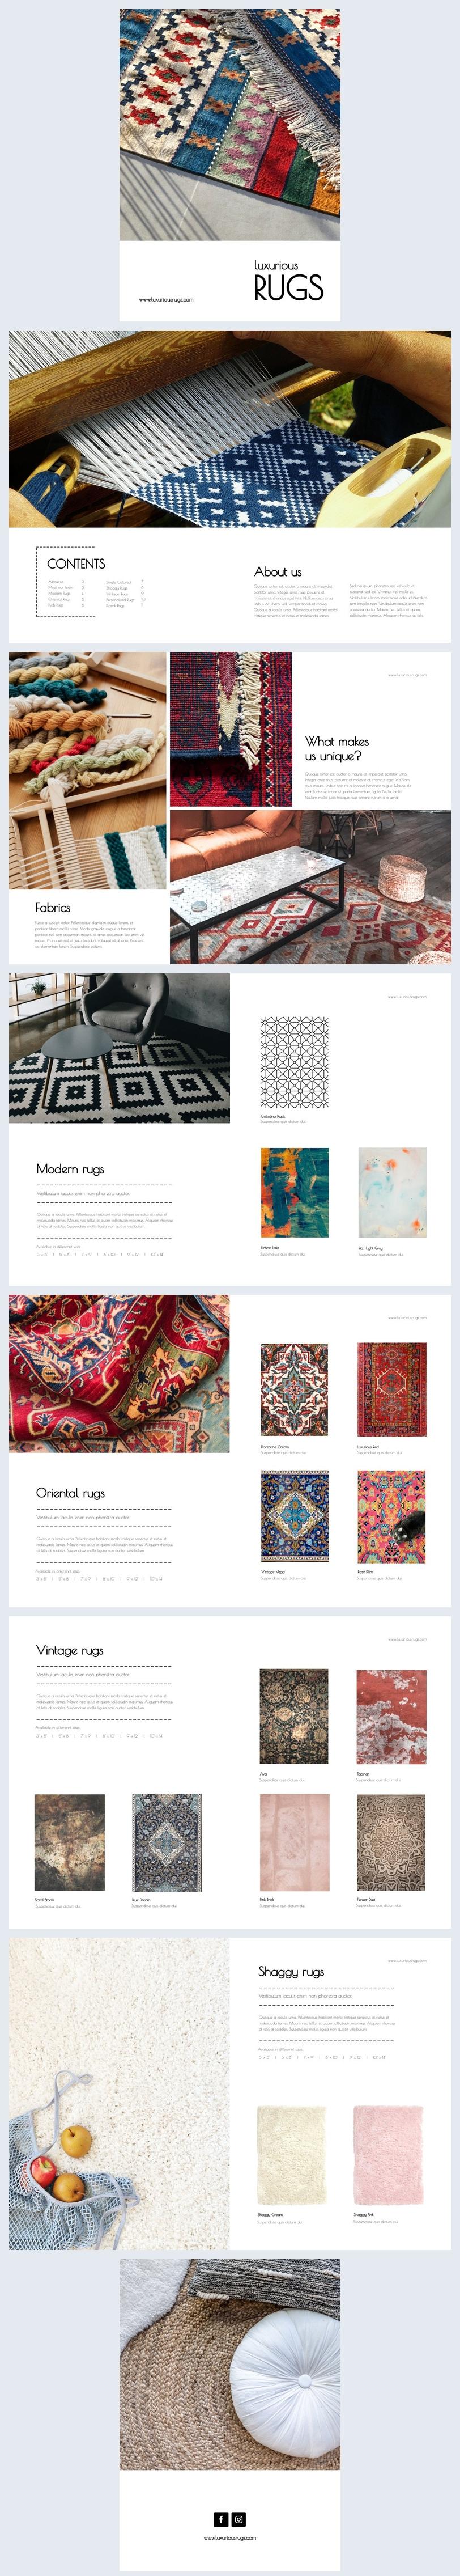 Ejemplo de diseño para catálogo de productos de lujo